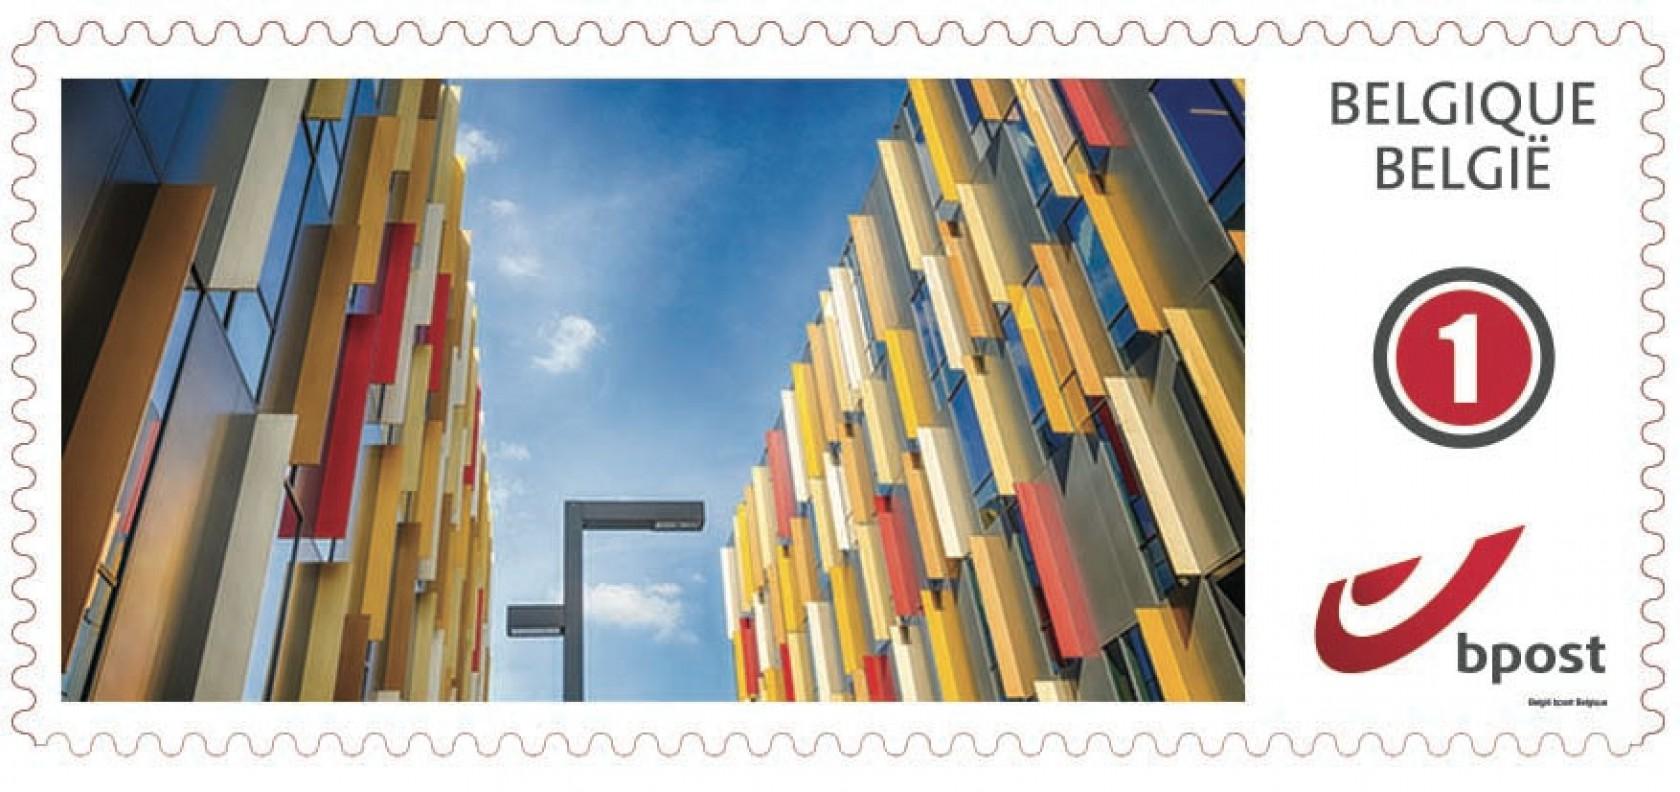 Abscis Architecten - Belgische Architectuur 2017 - Postsite Aalst